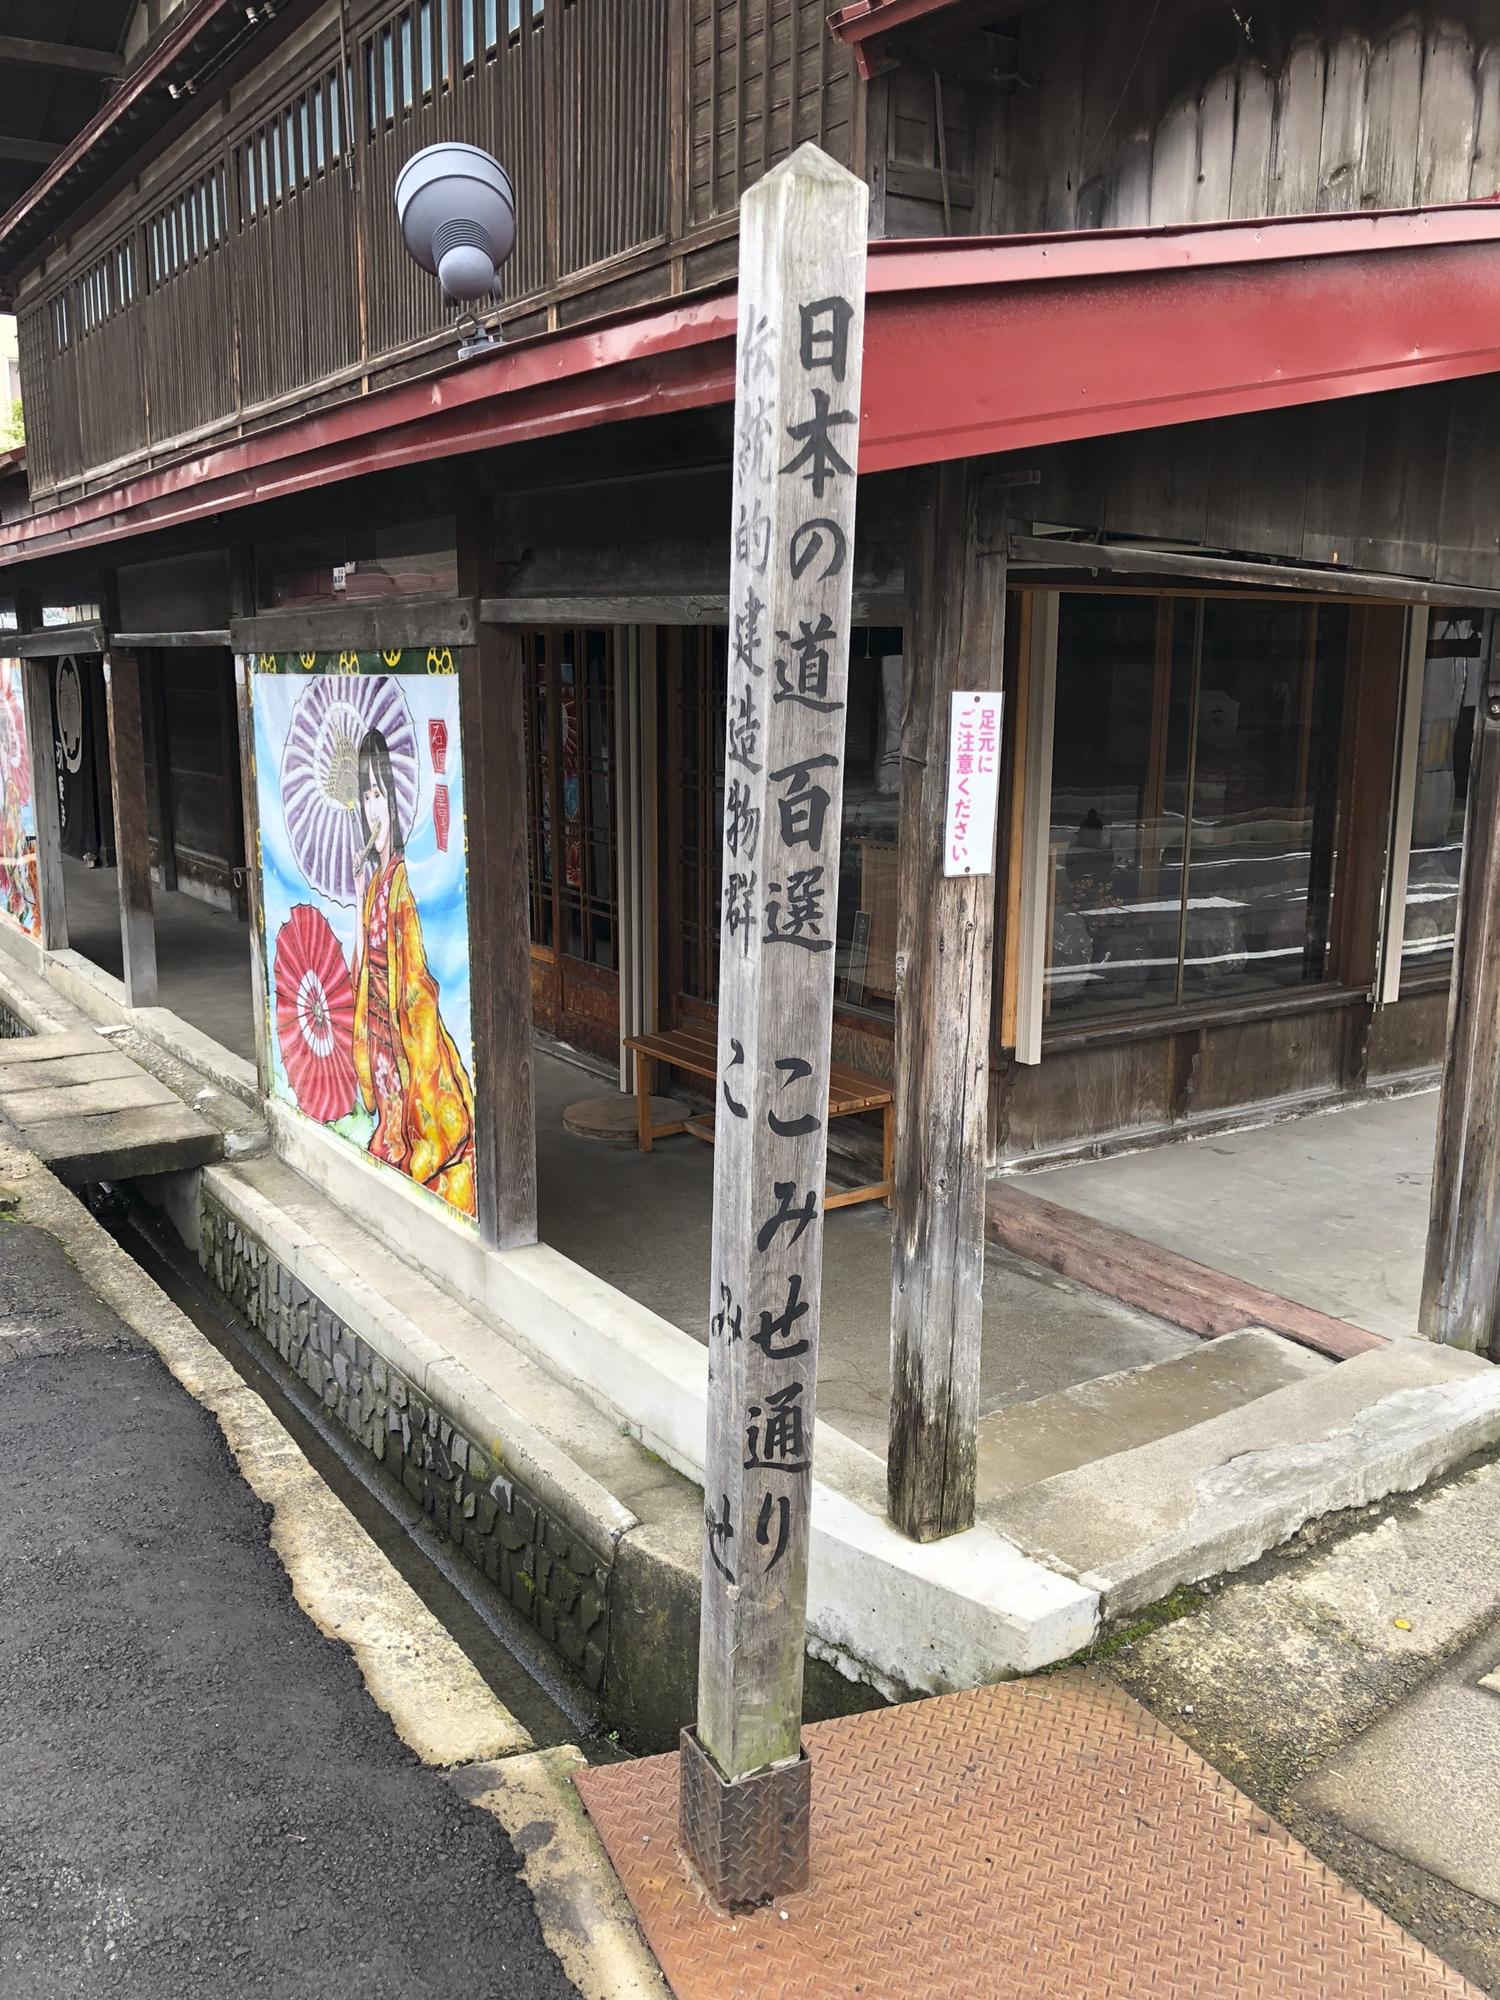 f:id:mitatowa:20181005183834j:plain